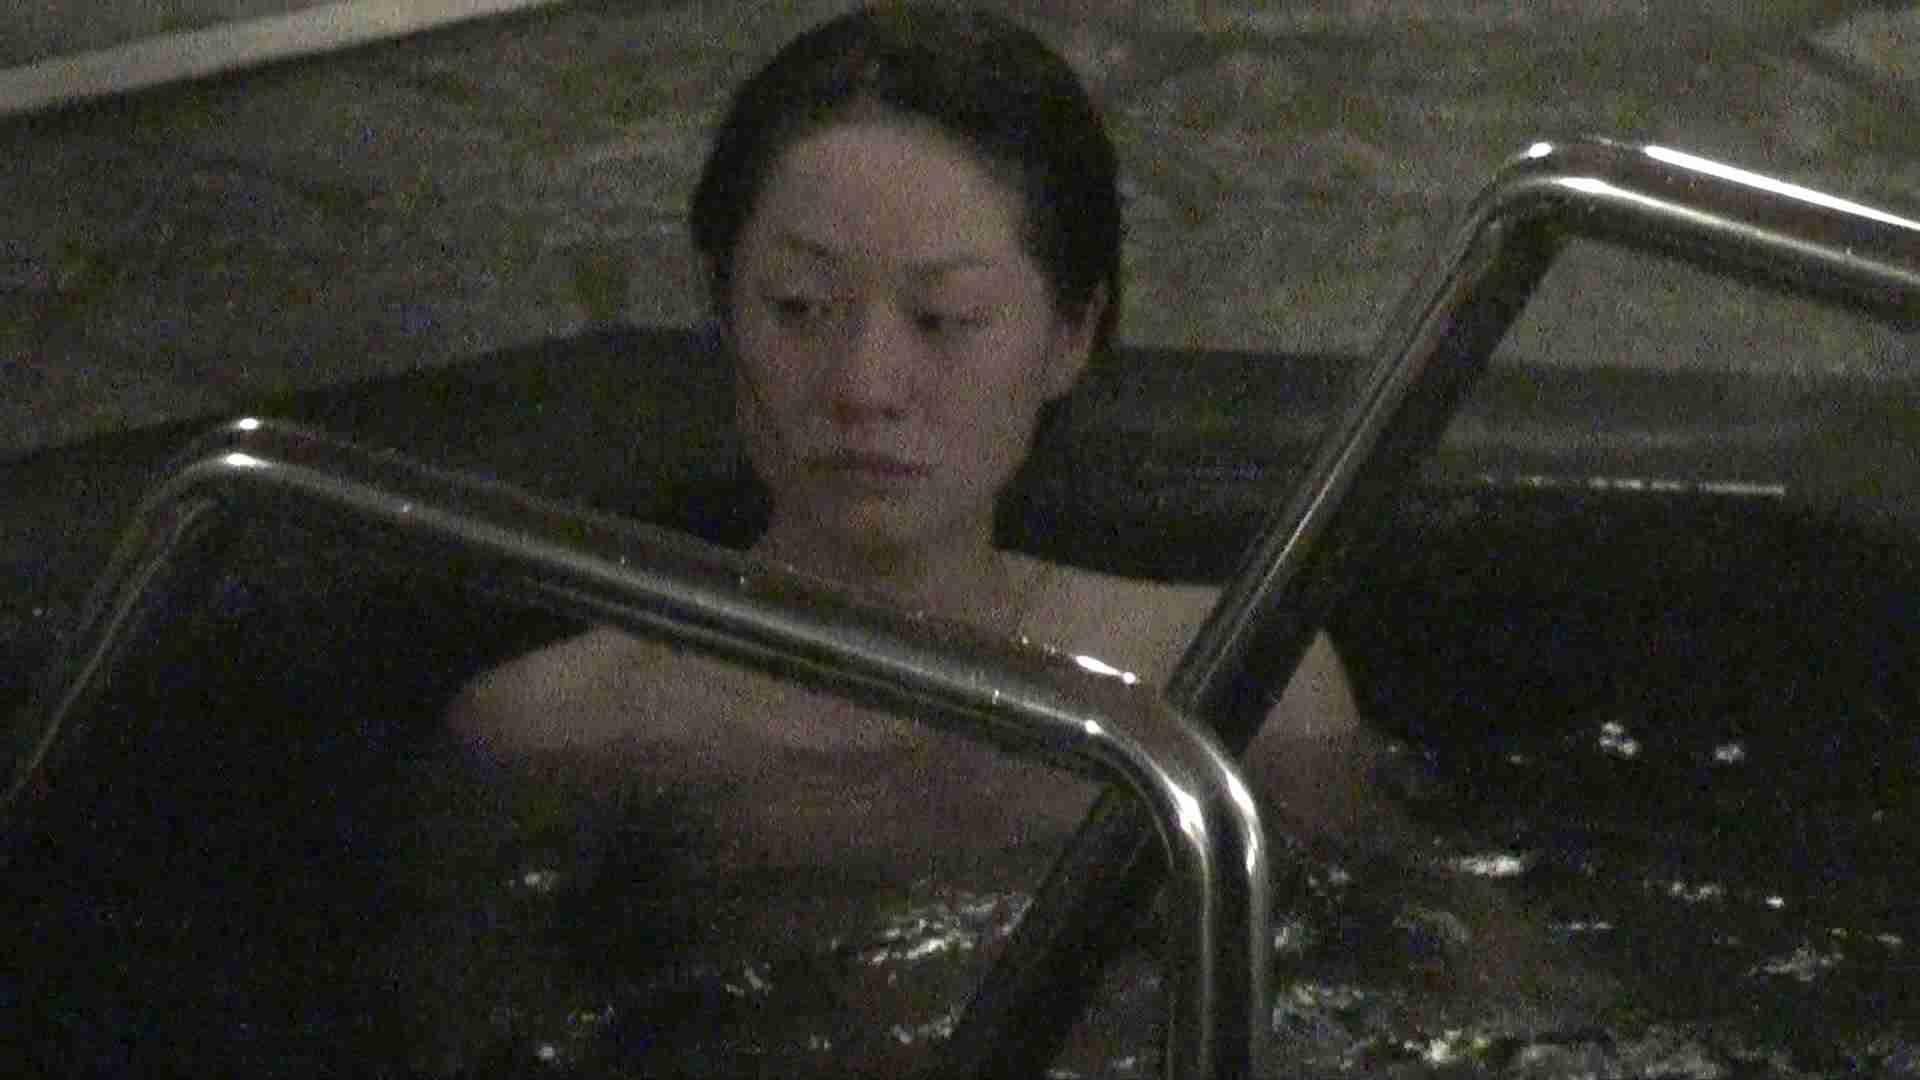 Aquaな露天風呂Vol.318 露天風呂突入 隠し撮りオマンコ動画紹介 105pic 98